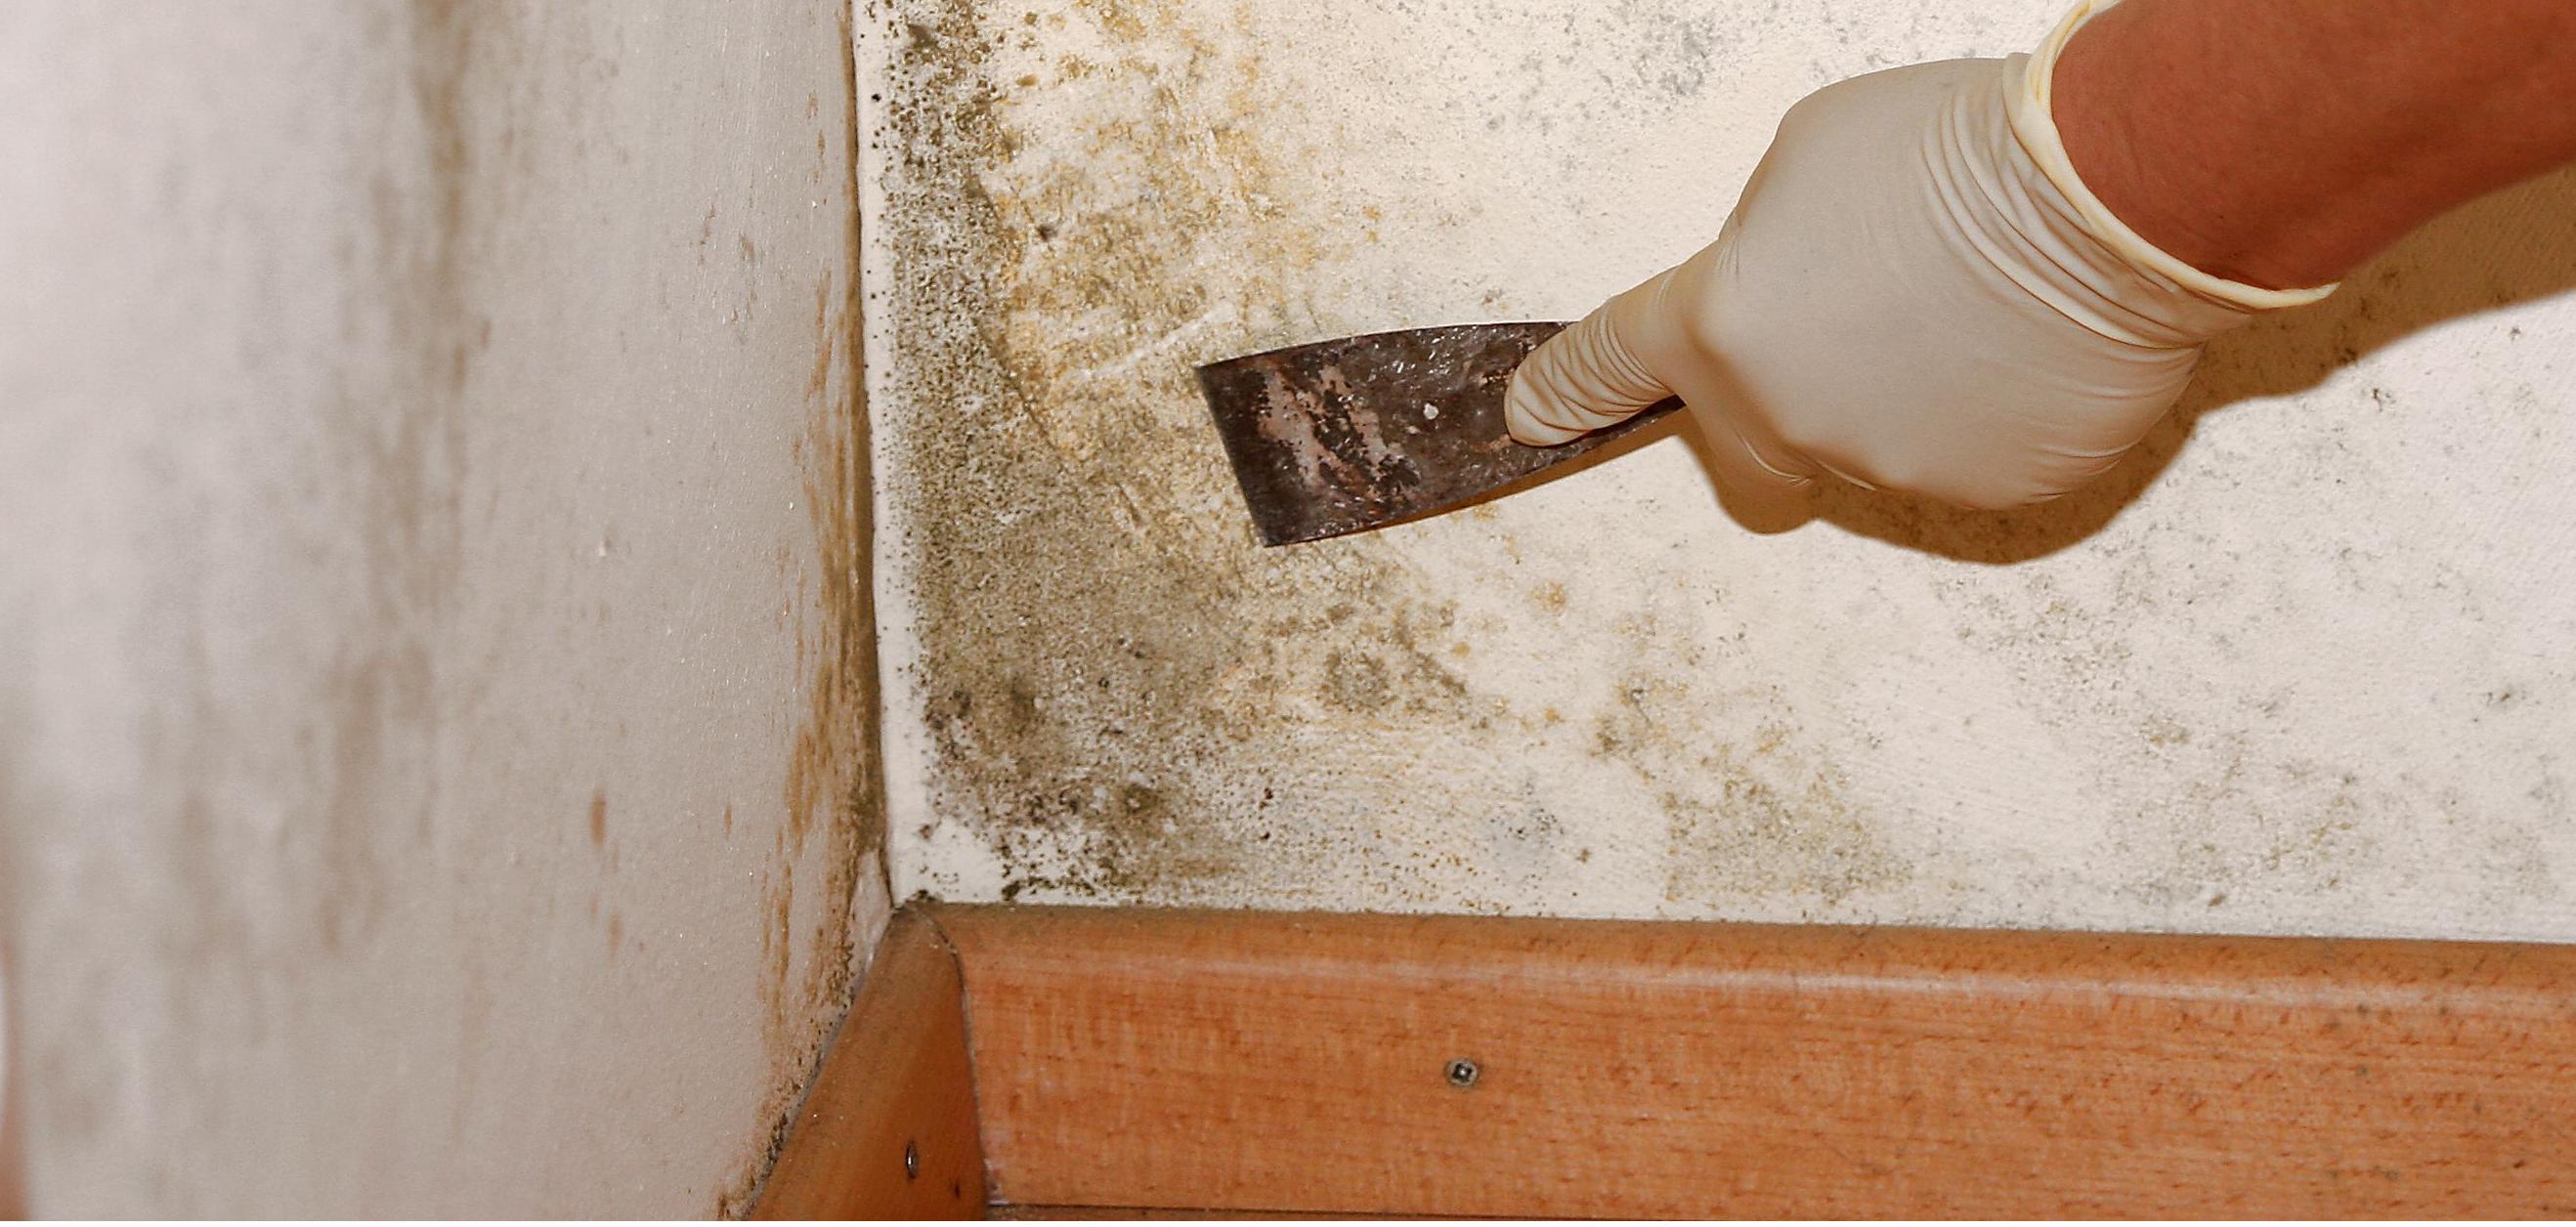 Как избавится от плесени на стенах своими руками